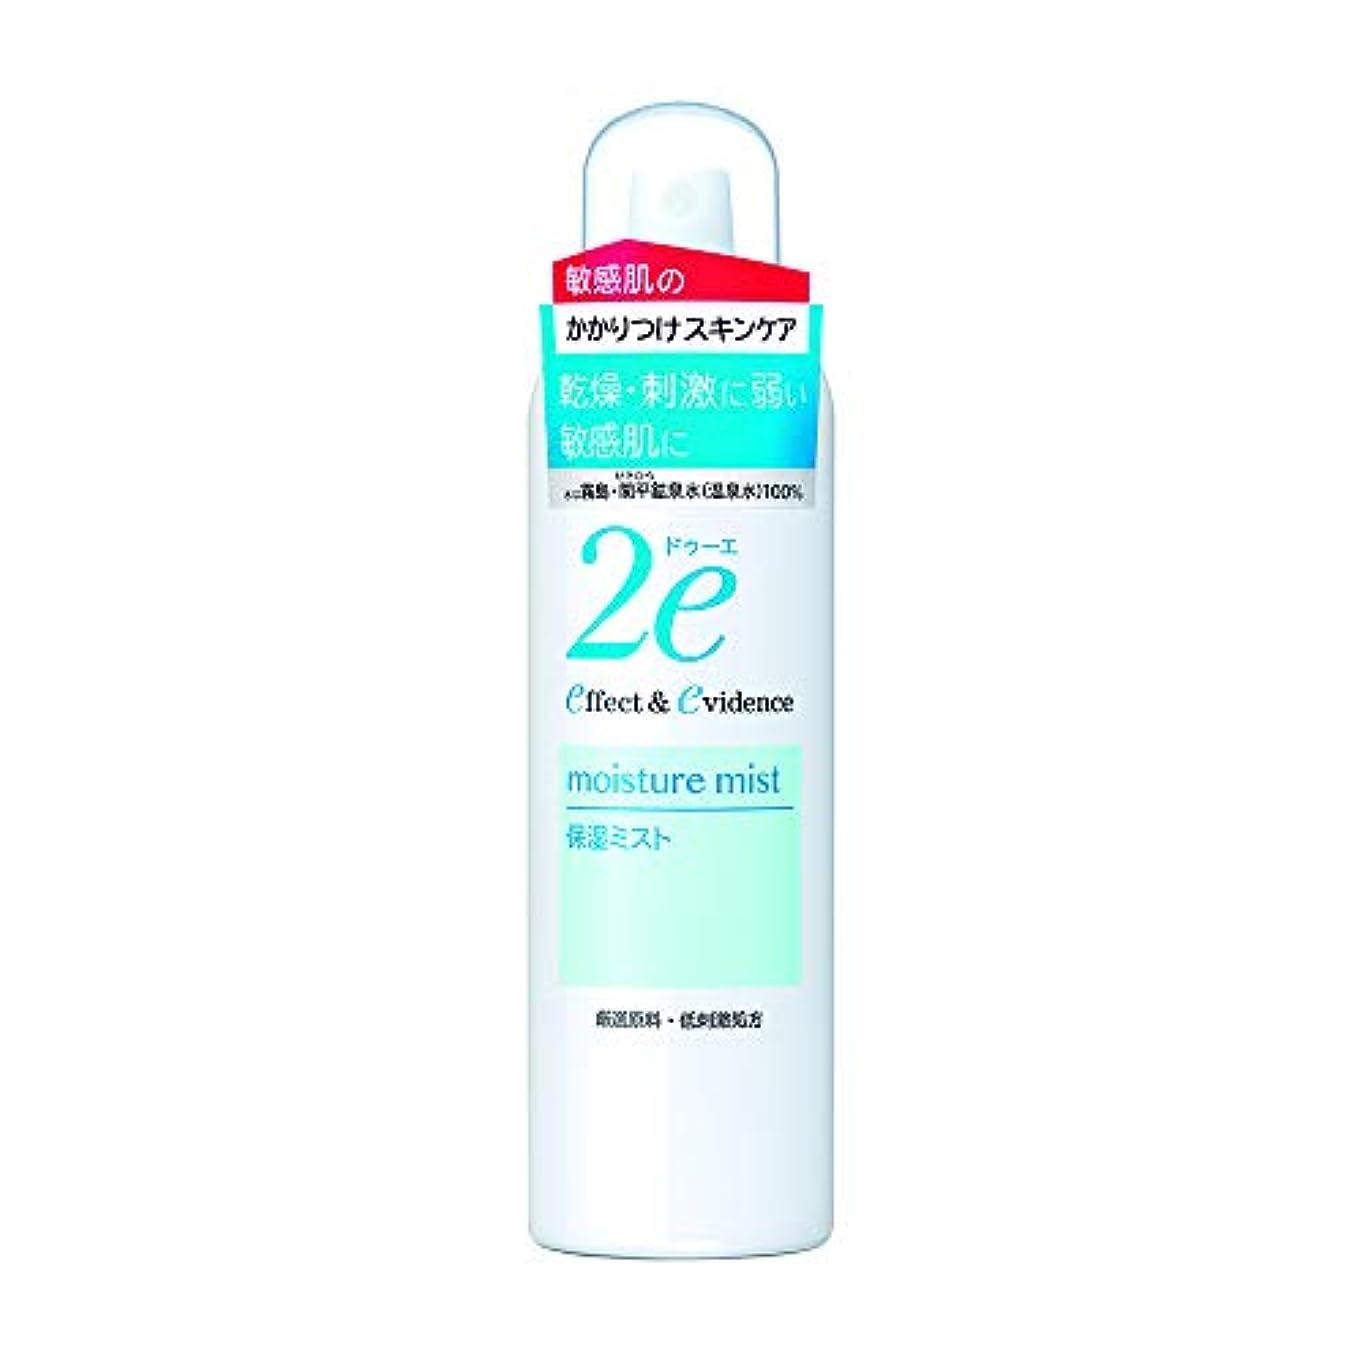 なめらかな性能傘2e(ドゥーエ) ドゥーエ 保湿ミスト 化粧水 180g